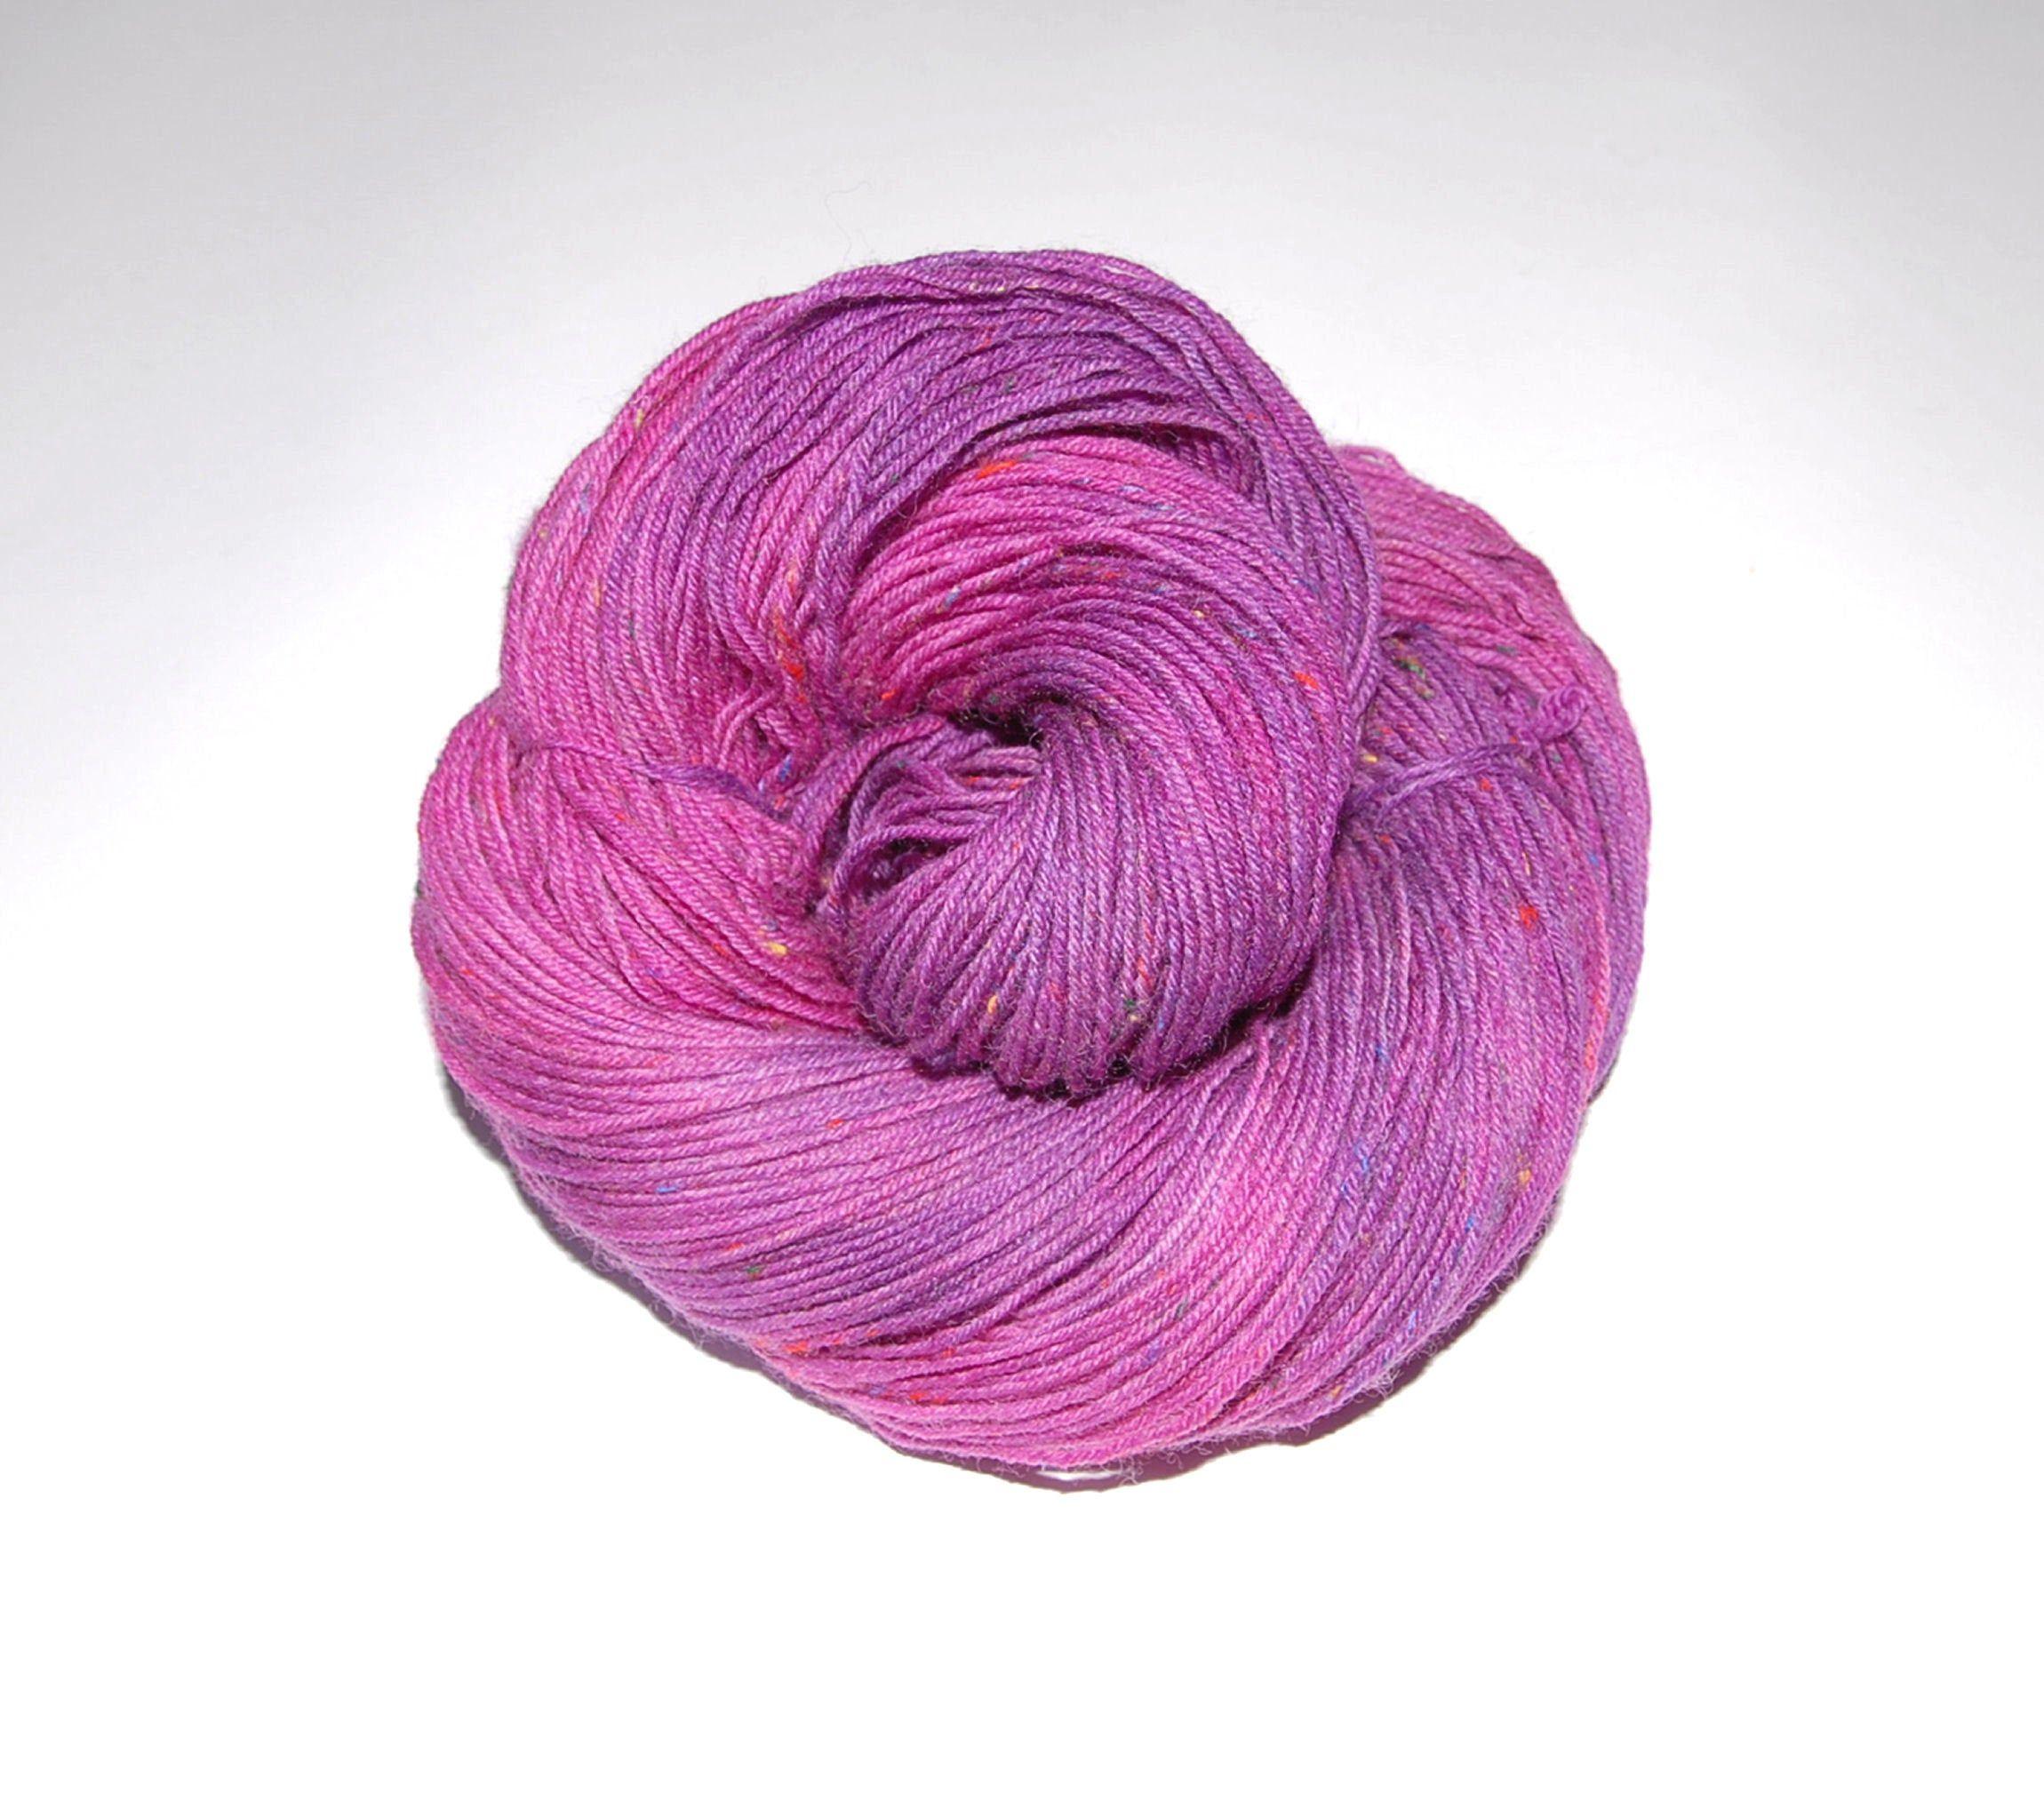 Sockenwolle Tweed Handgefarbt 100g Gerne Stricke Ich Socken Aus Dieser Wolle Fur Dich Auf Anfrage Hausschuhe Stricken Tweed Socken Stricken